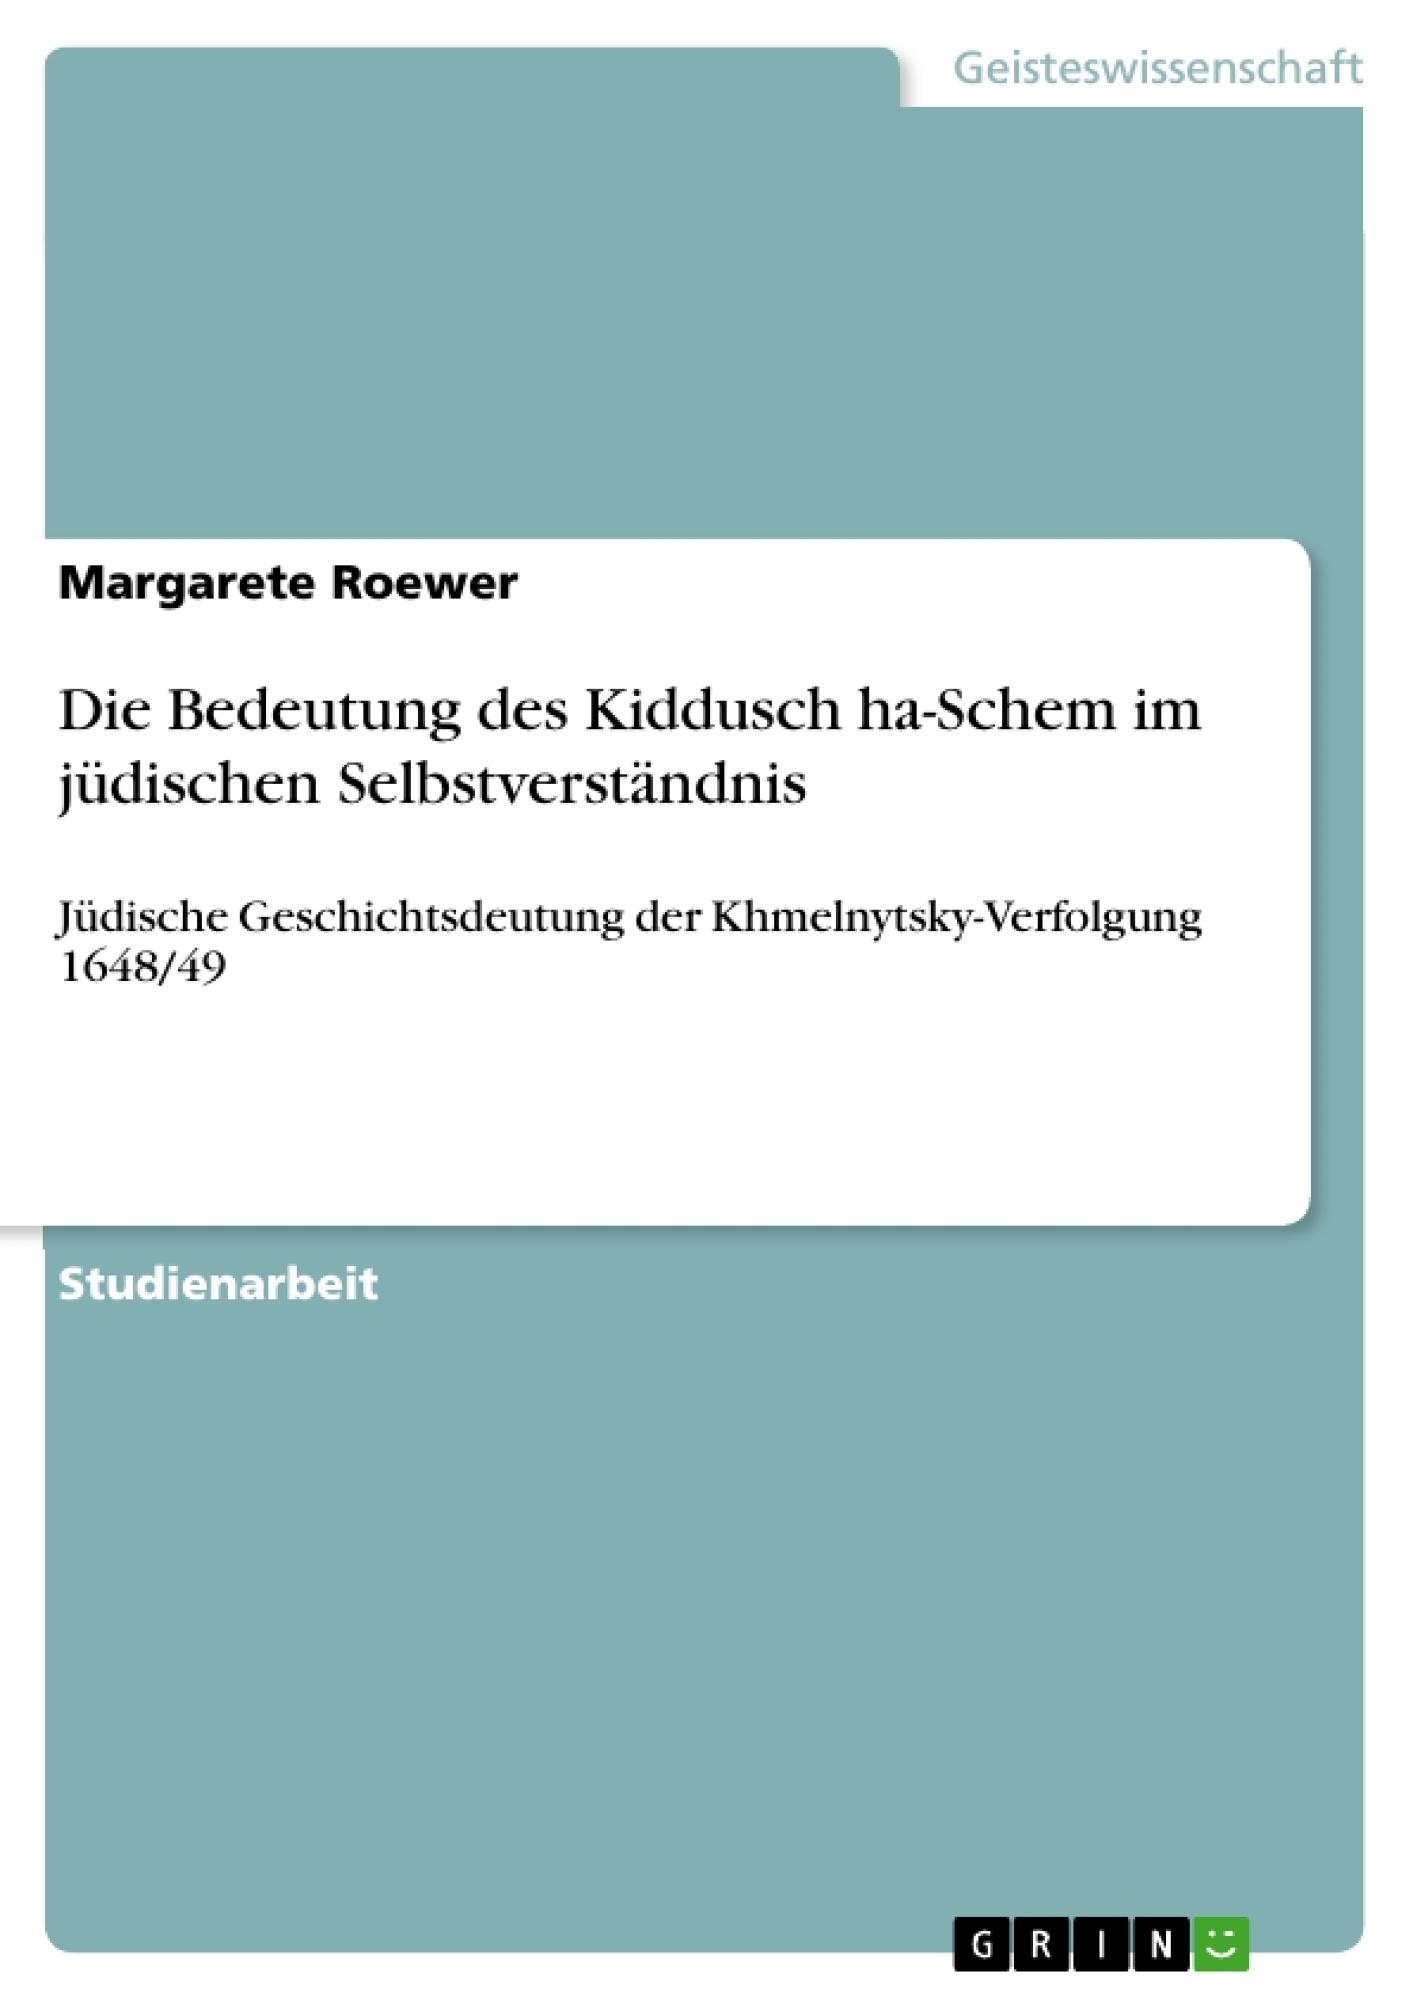 Titel: Die Bedeutung des Kiddusch ha-Schem im jüdischen Selbstverständnis